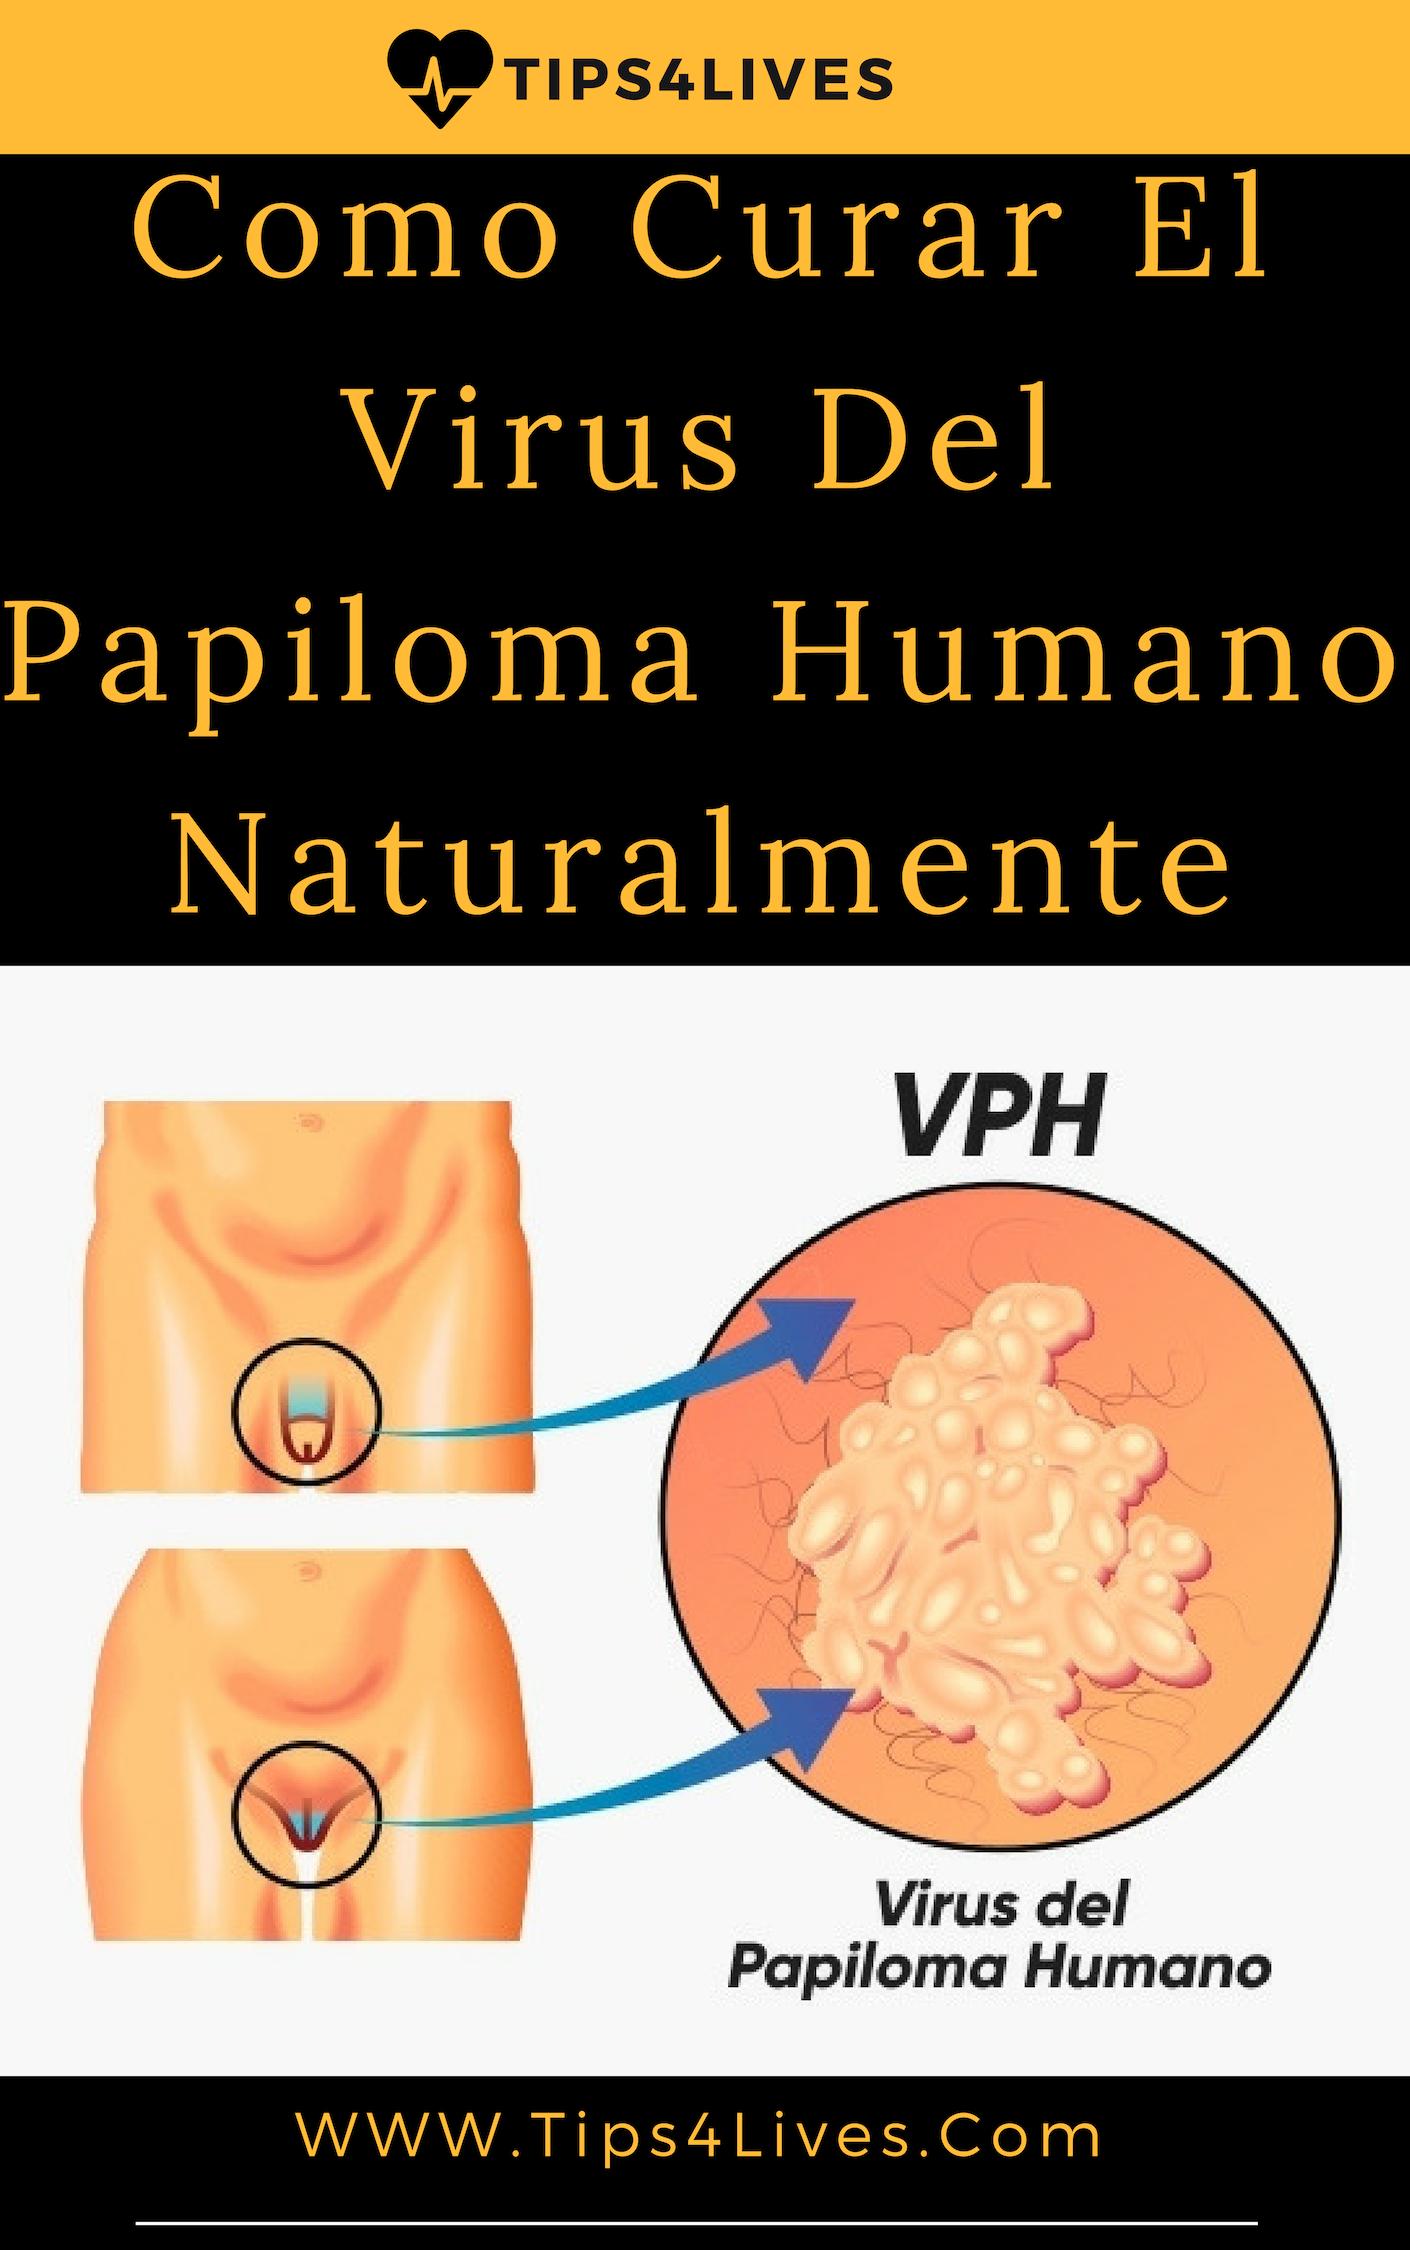 virus del papiloma humano hpv tratamiento aciclovir human papillomavirus